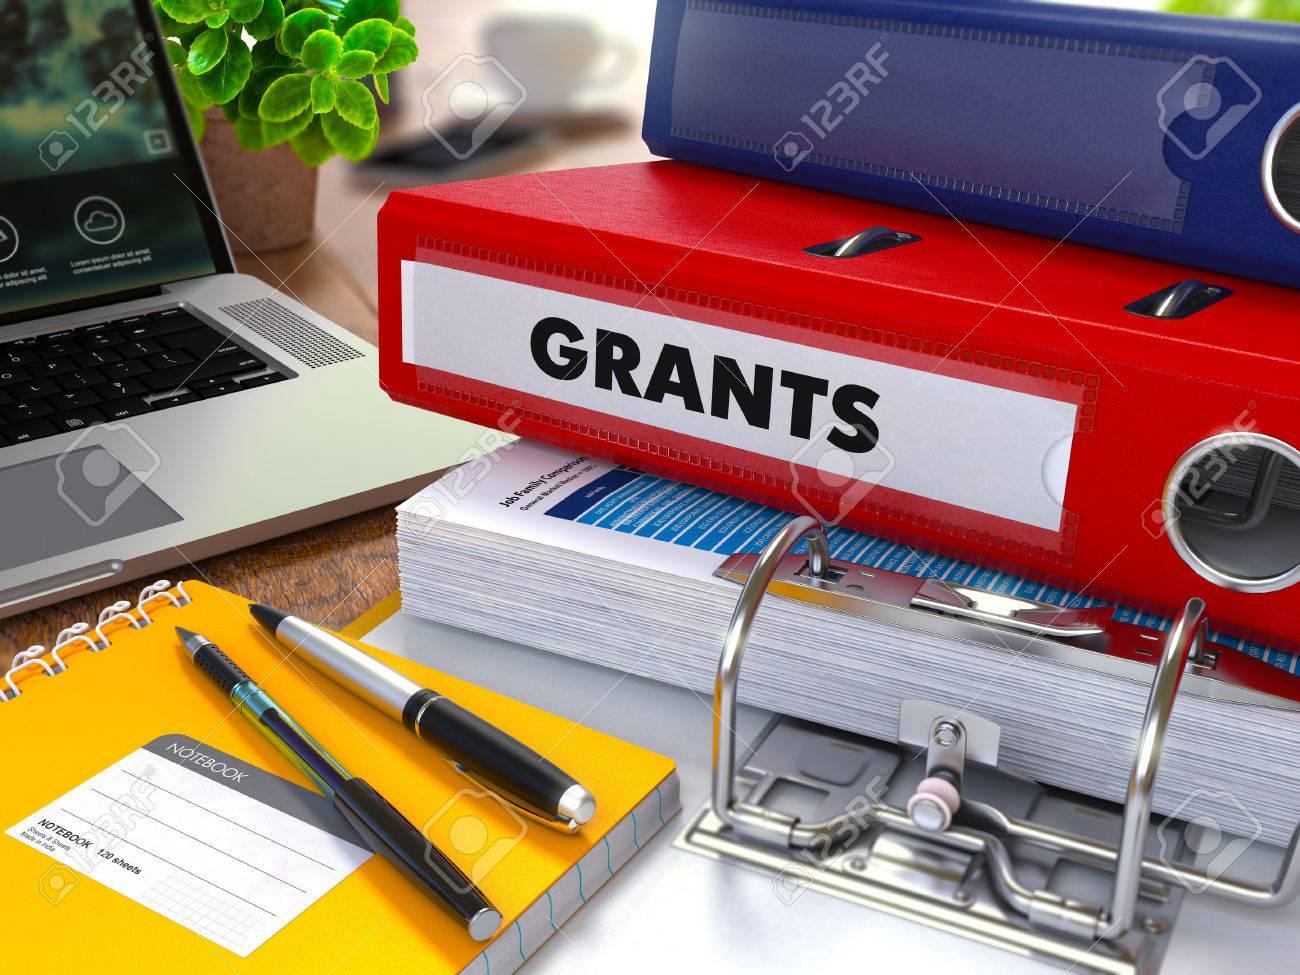 Red Ring Binder mit Beschriftung Grants auf den Hintergrund der Arbeitstisch mit Bürobedarf, Laptop, Berichte. Tonte Illustration. Business-Konzept auf unscharfen Hintergrund. Standard-Bild - 43401411